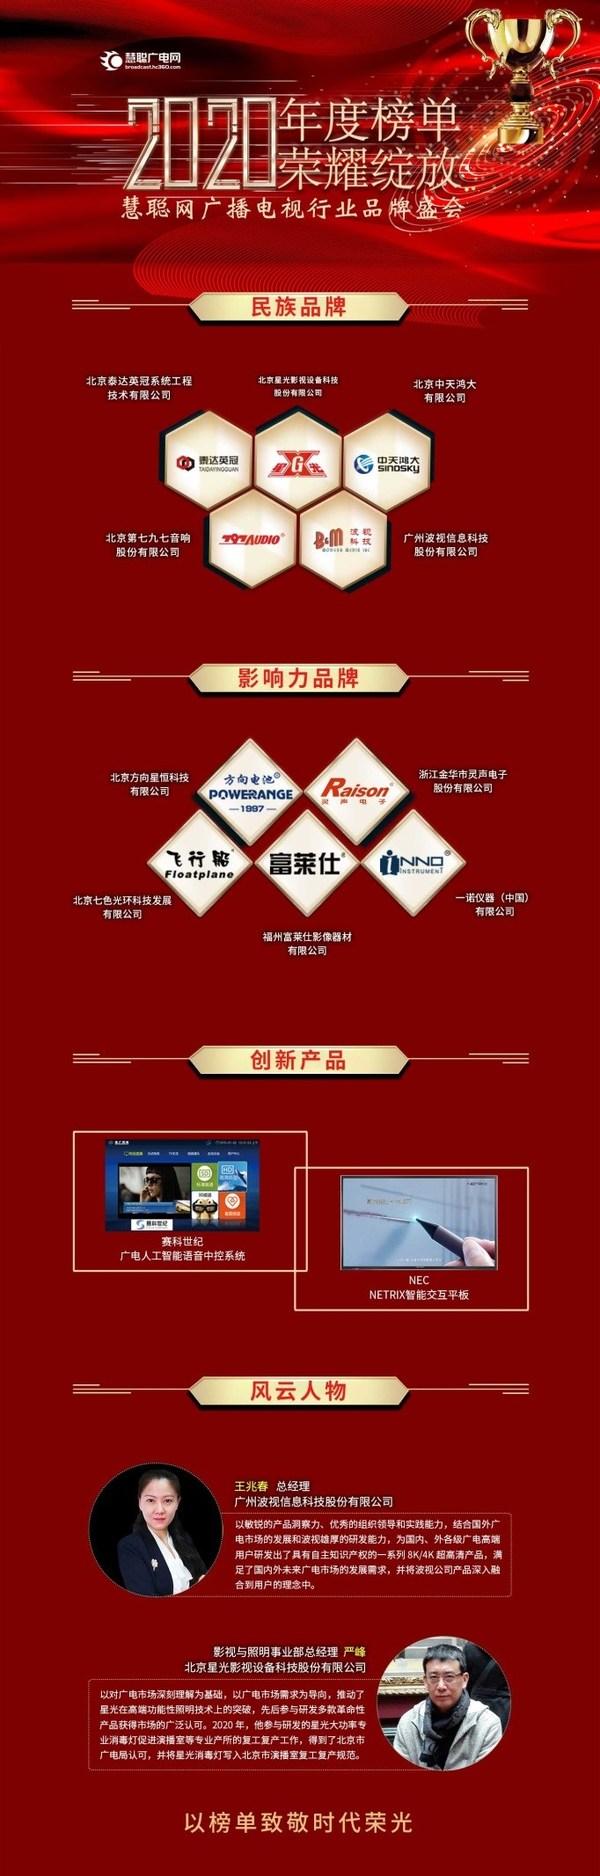 致敬时代 2020年广电行业优秀企业品牌盛会榜单荣耀绽放